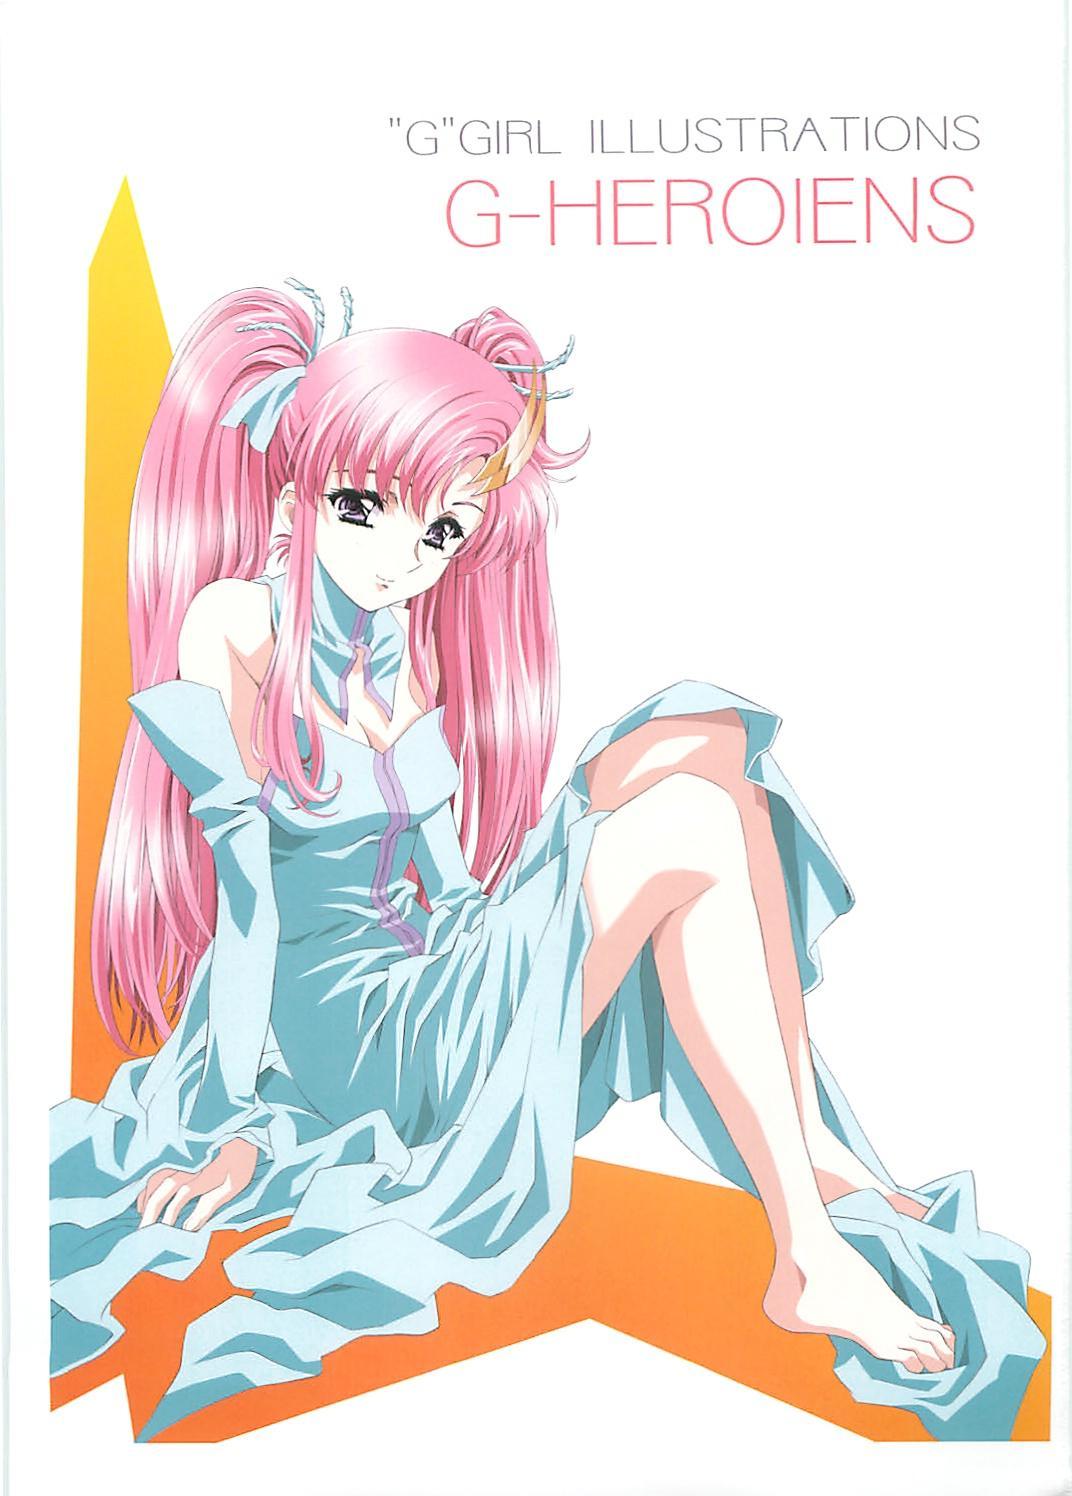 G-heroines 1